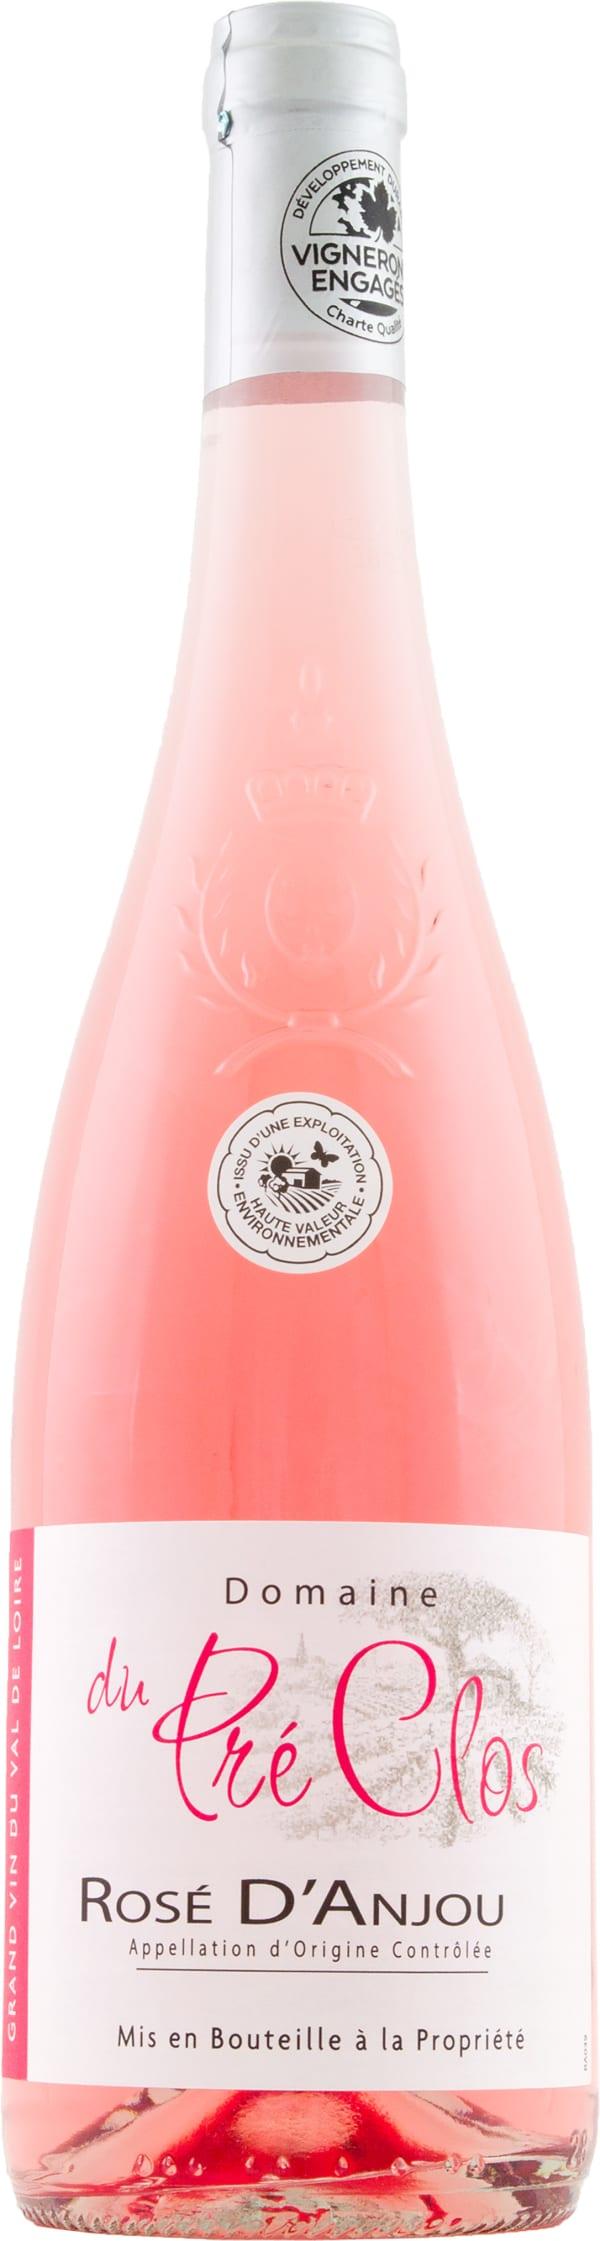 Domaine du Pré Clos Rosé d'Anjou 2020